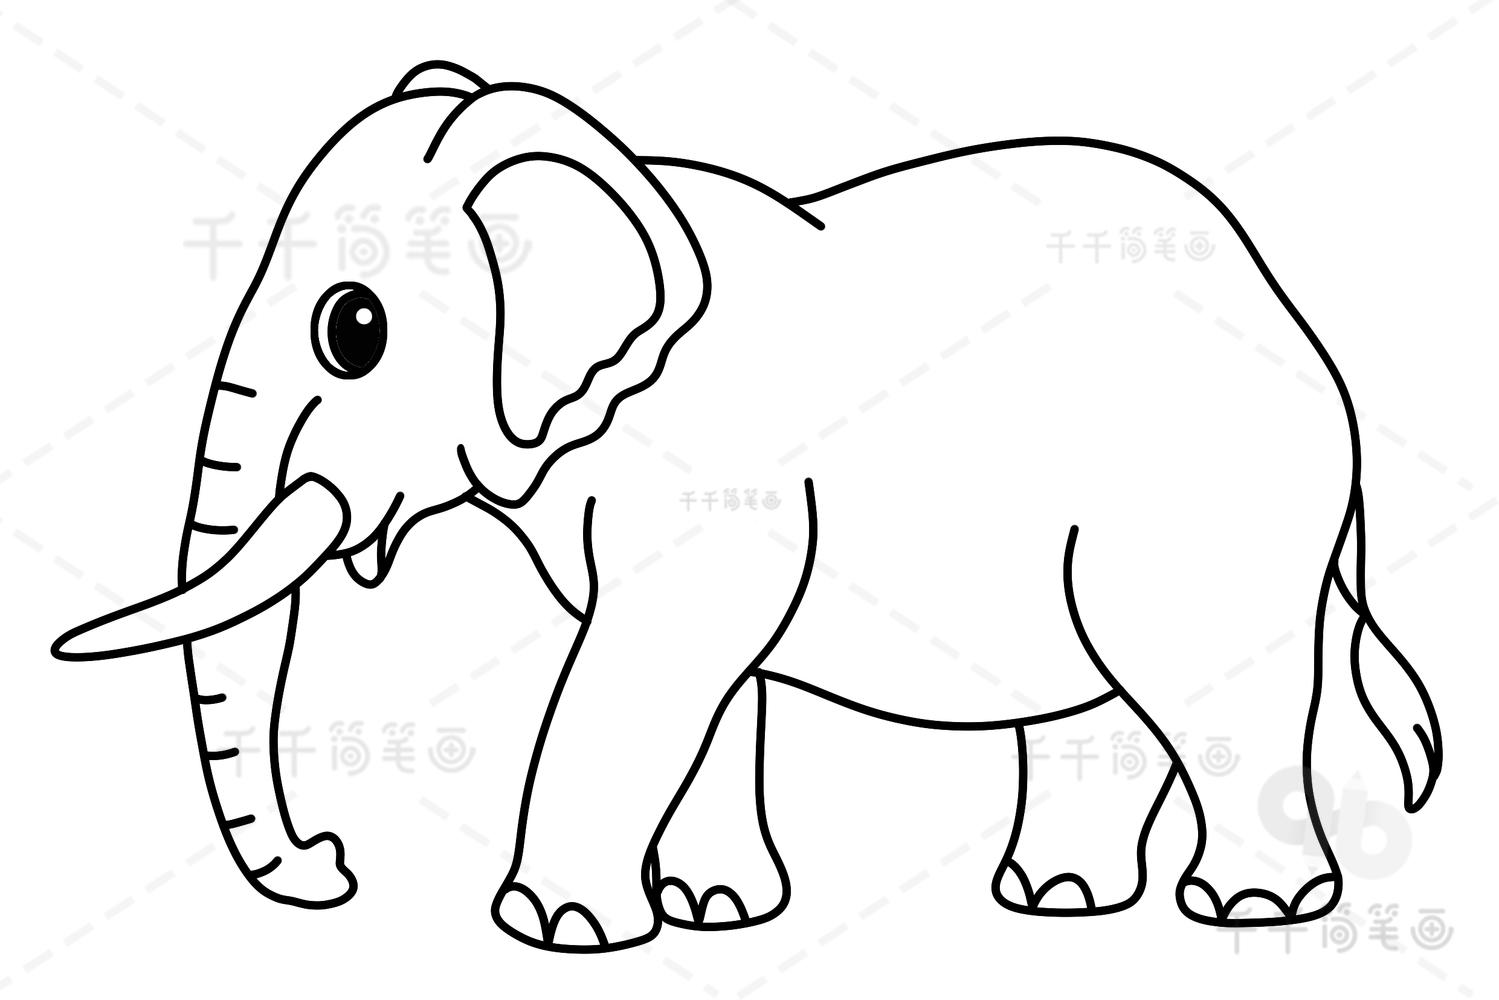 大象简笔画图片大全 大象简笔画